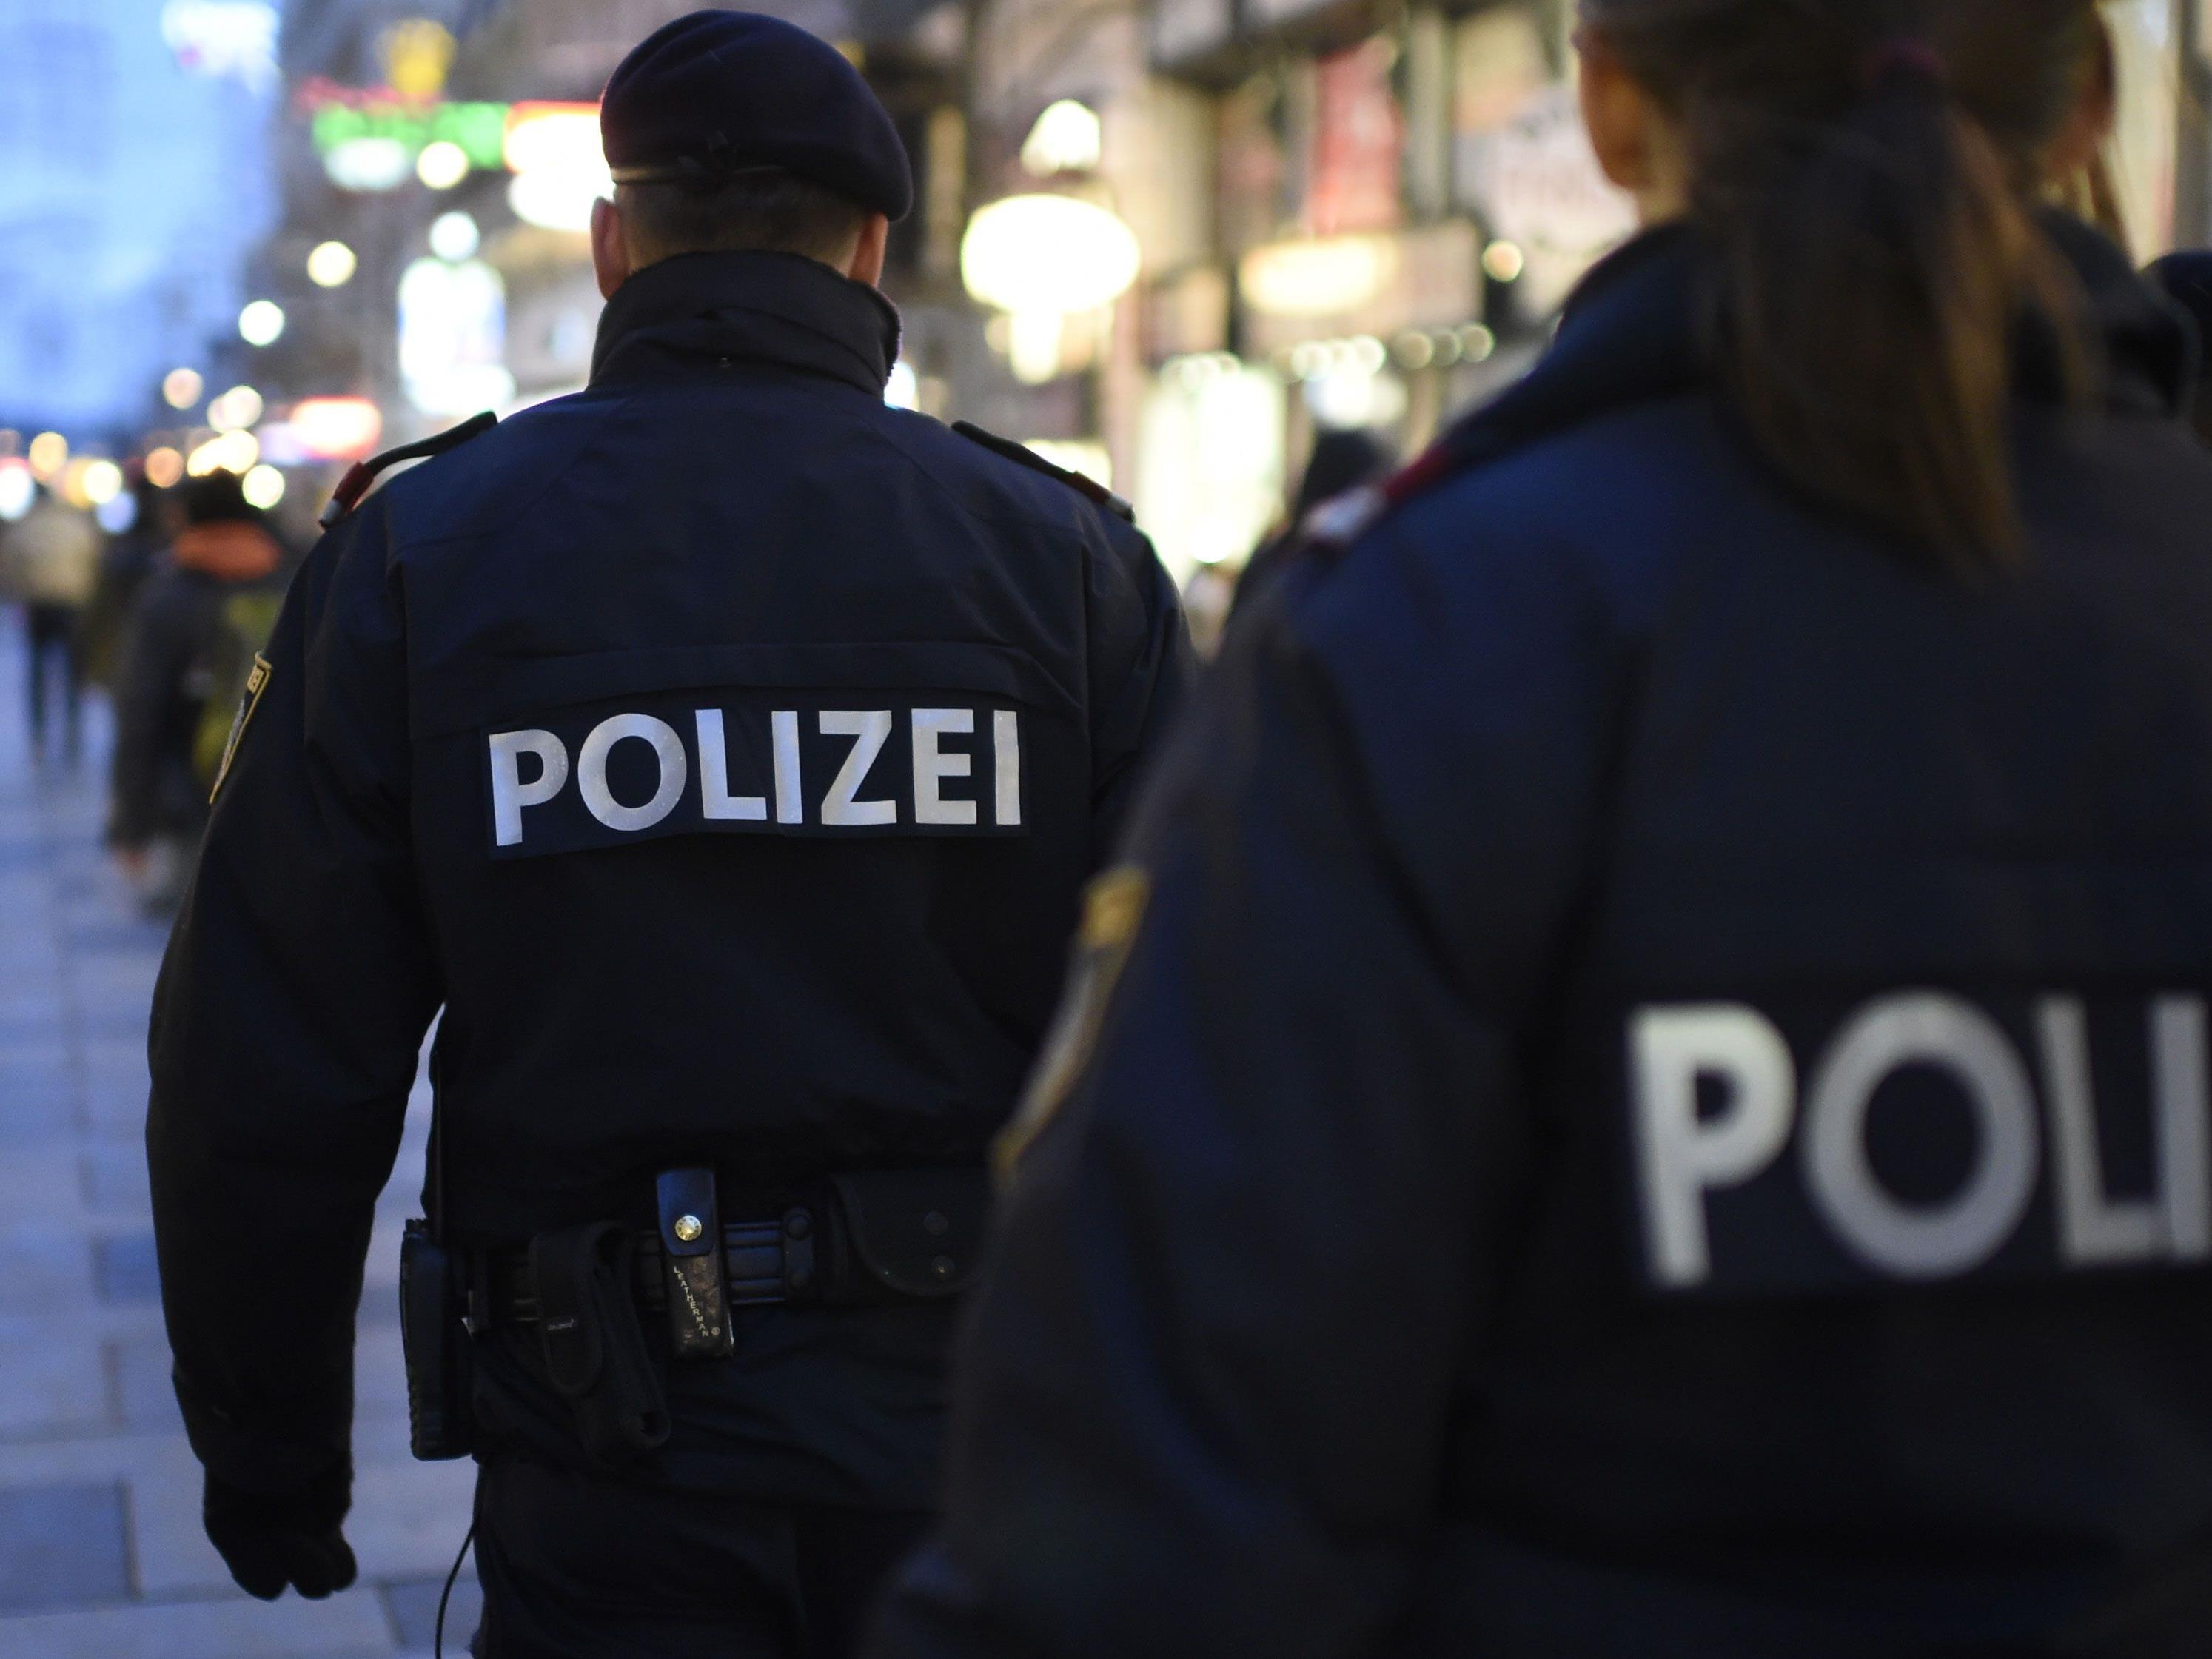 Für sechs mutmaßliche Dealer klickten in Wien die Handschellen